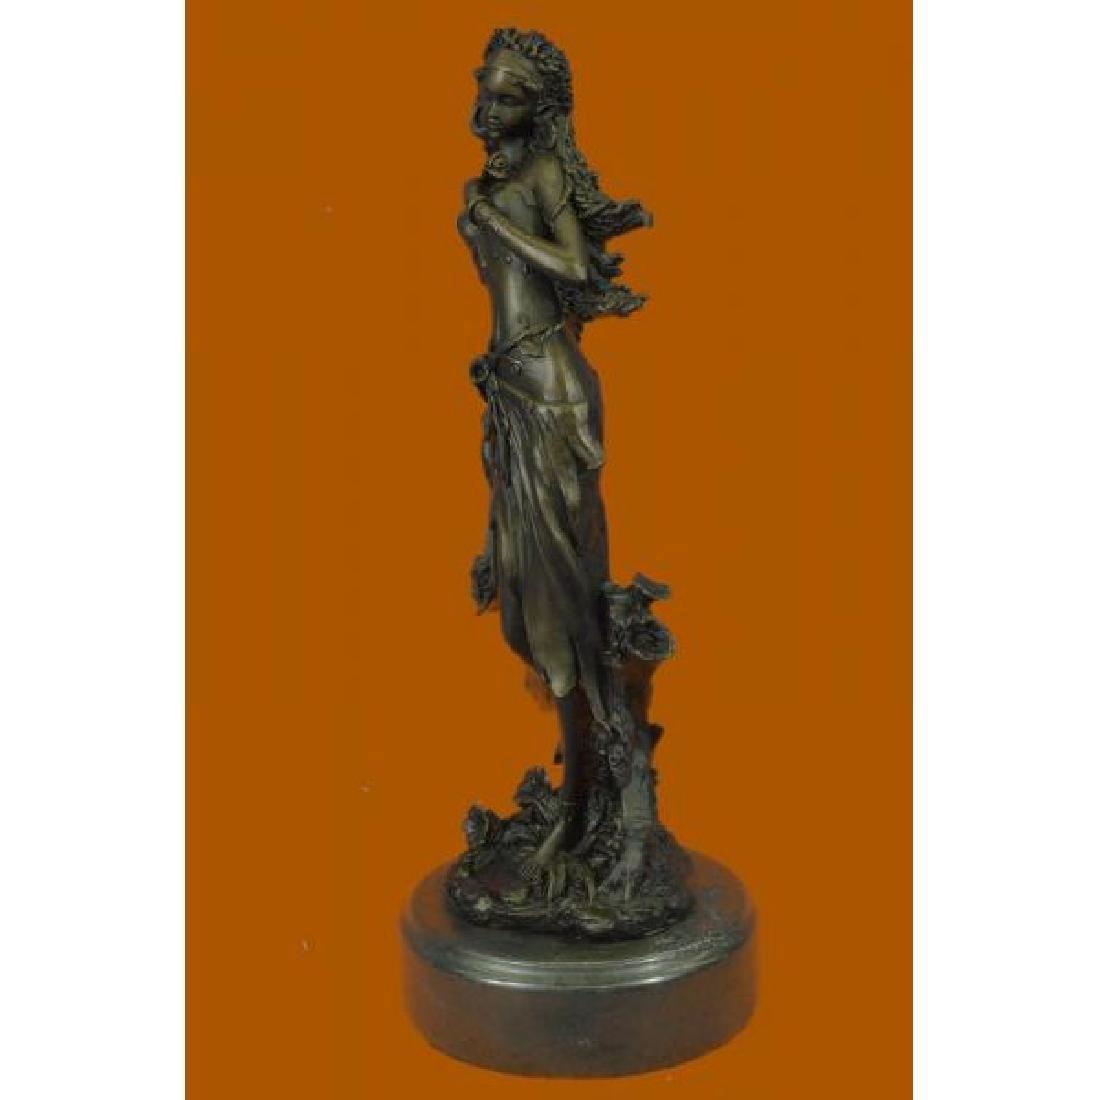 Sexy Nymph Goddess Bronze Sculpture - 2